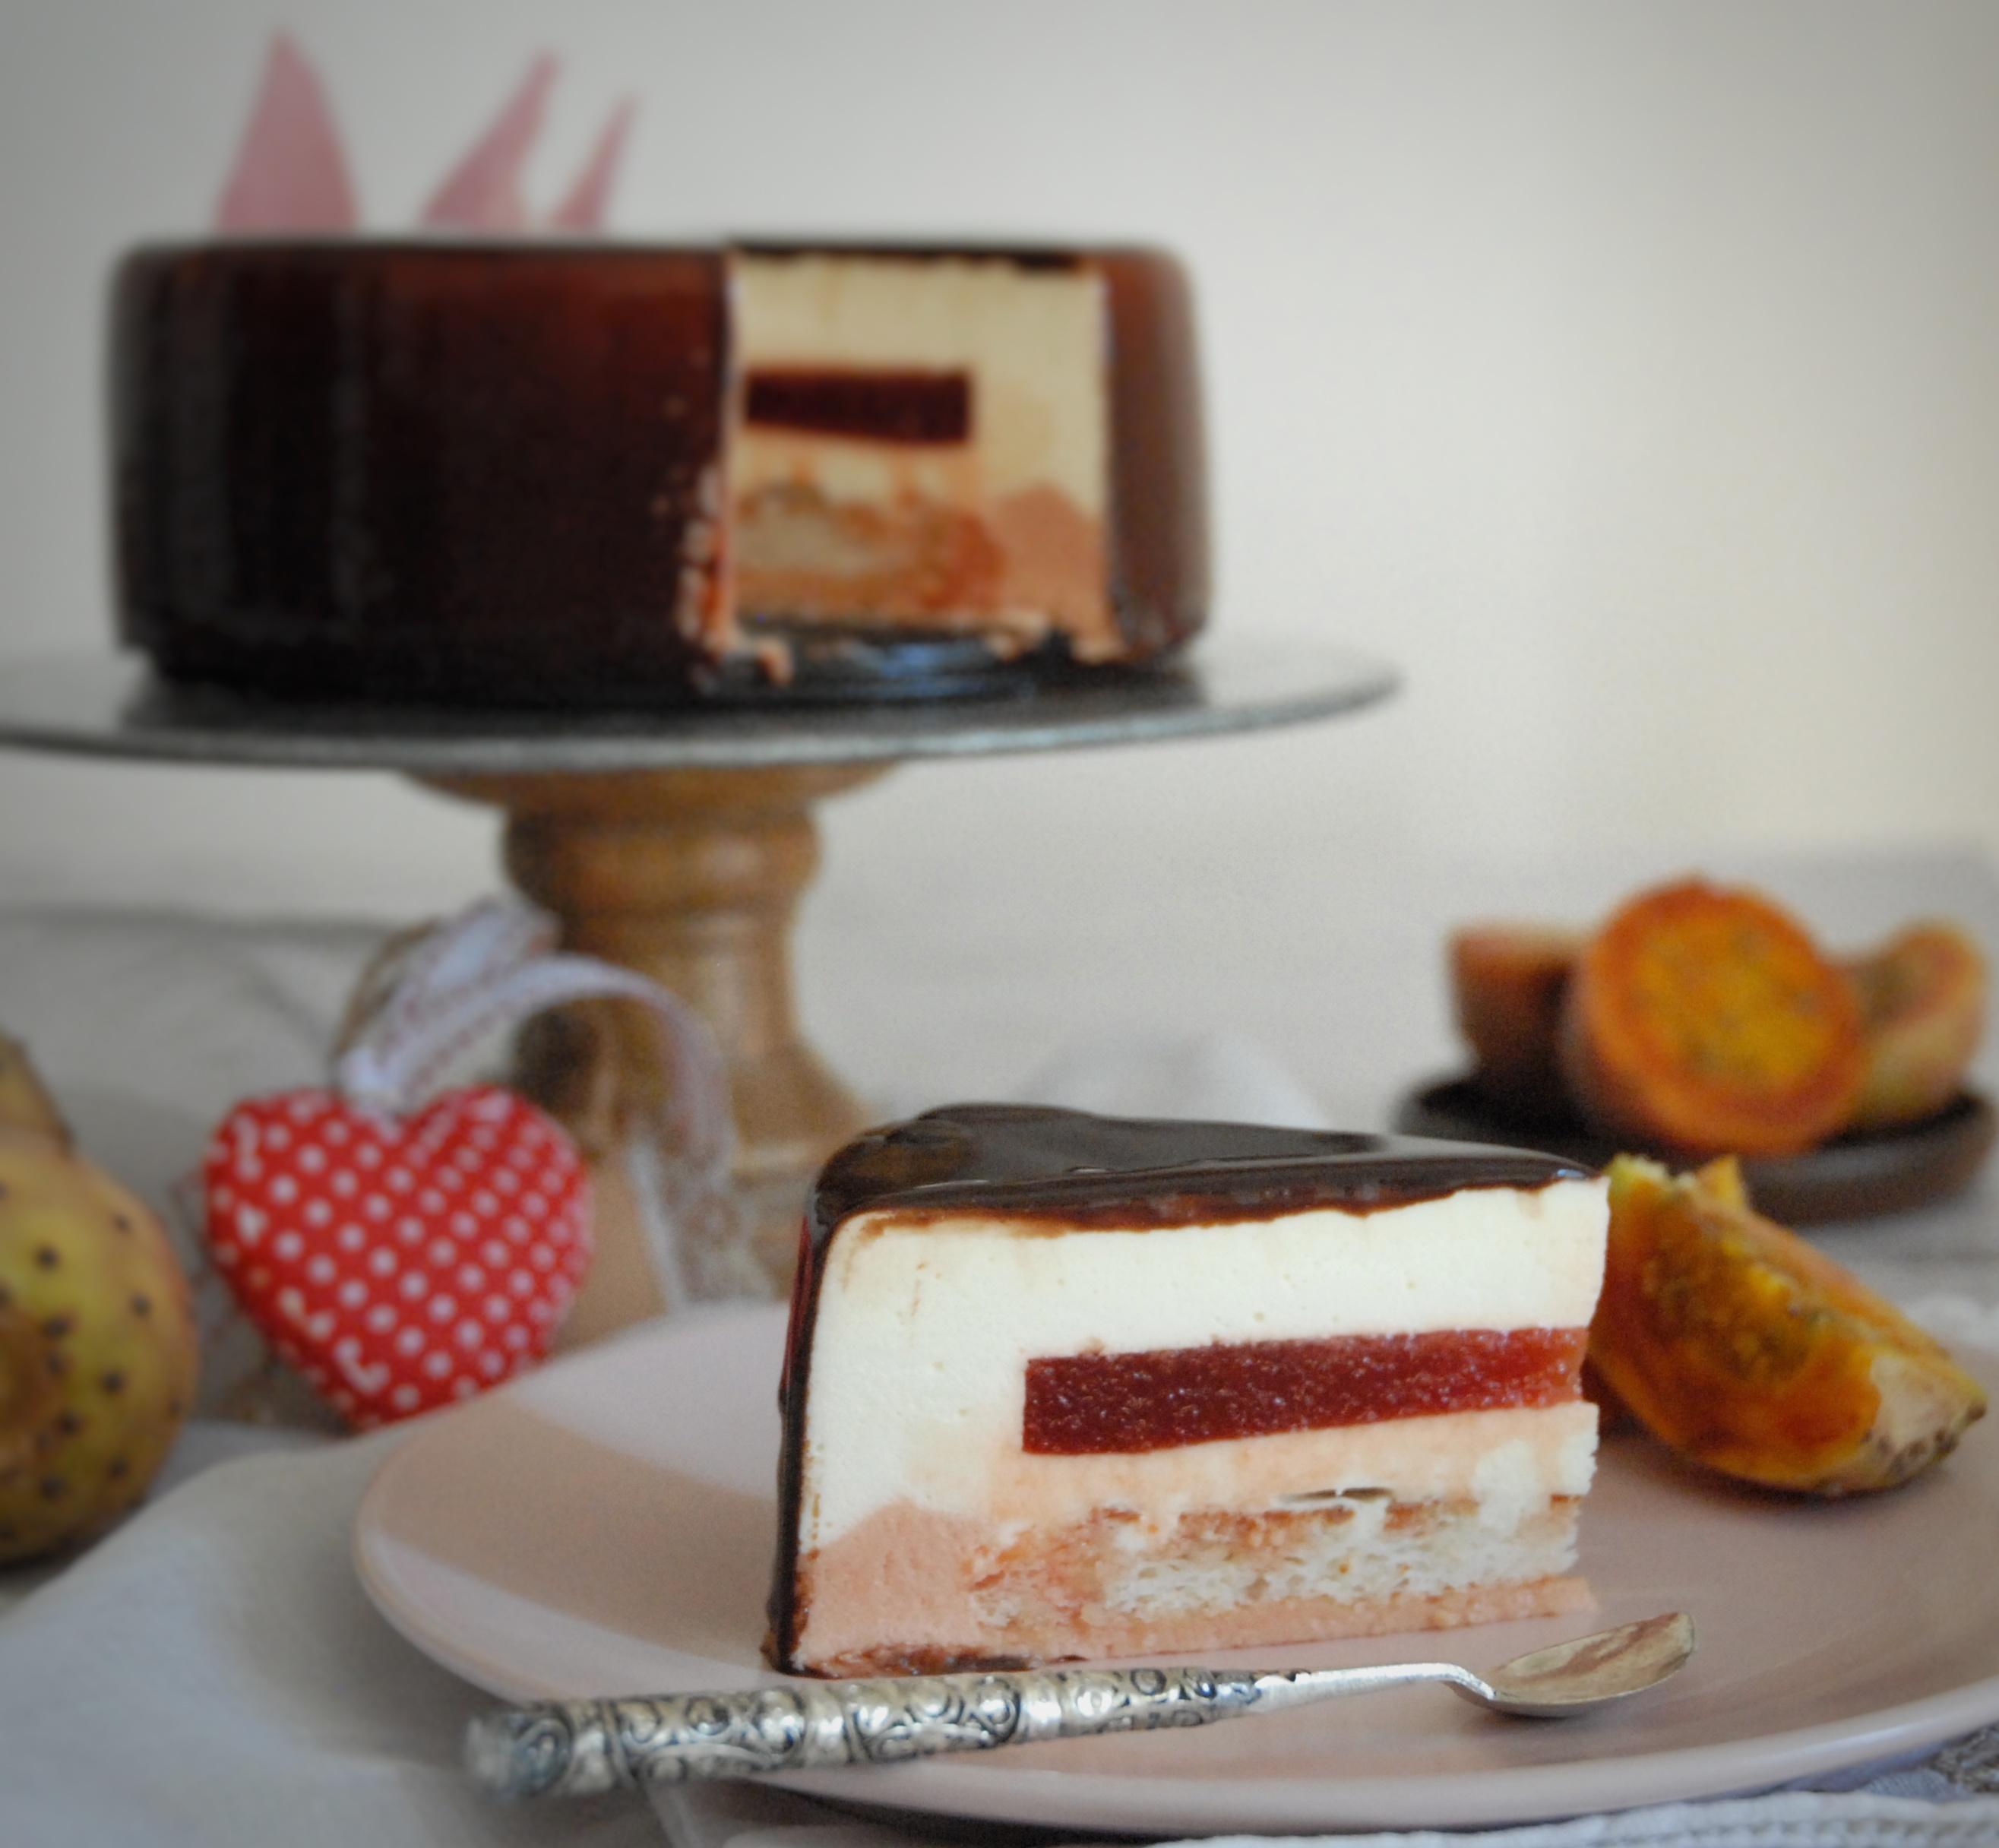 Mousse cioccolato bianco con fichi d'india e daquoise alle mandorle